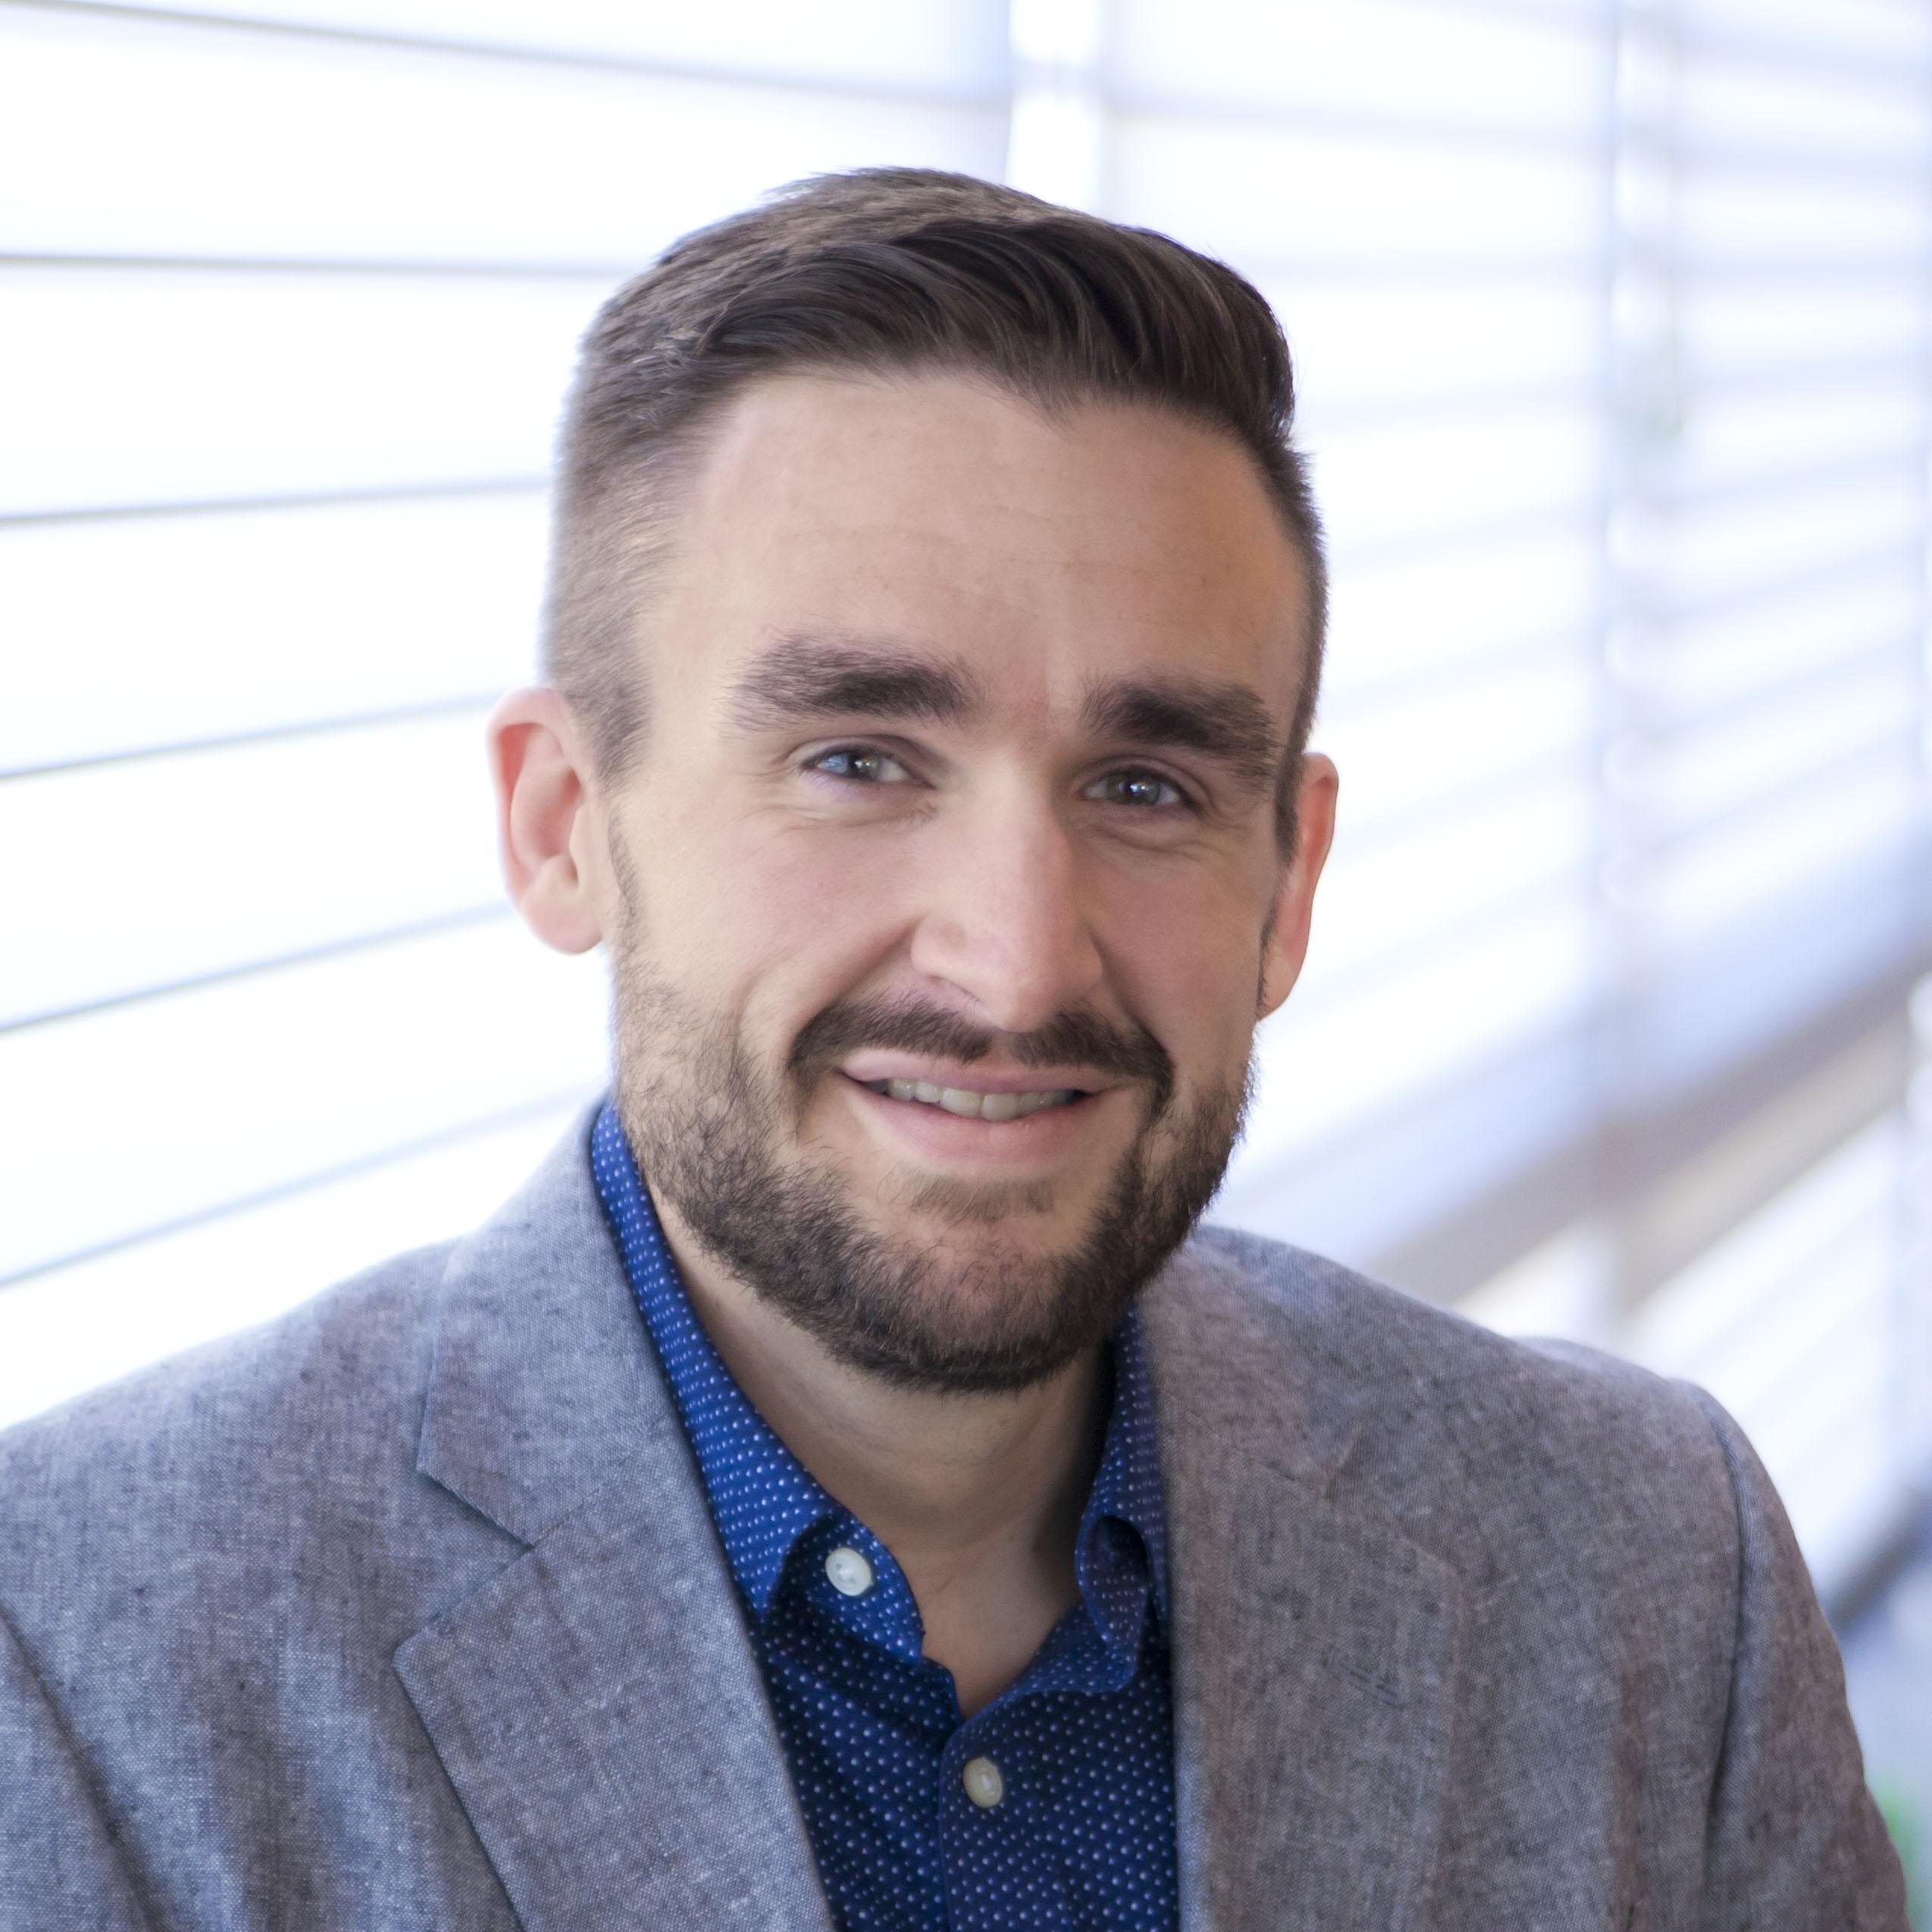 Jeremy Roegner